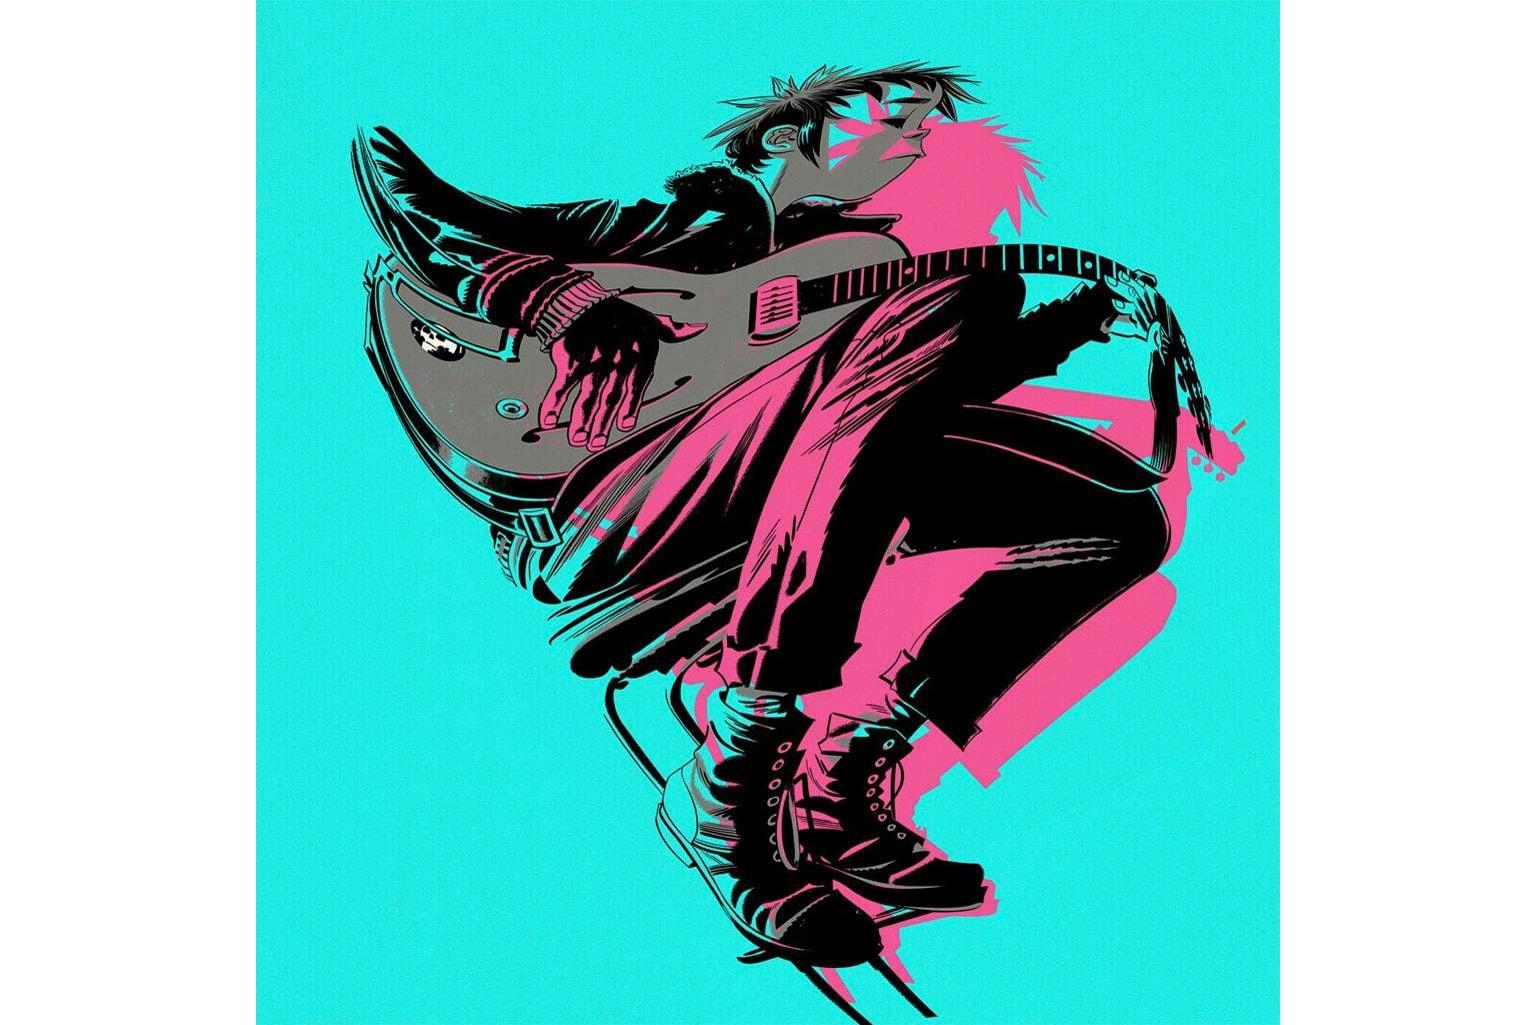 先週の注目音楽リリース8選 HYPEBEAST Music Picks, Meek Mill, MAX, Joey Bada$$, Drake, SENNINSHO, WEDNESDAY CAMPANELLA, drake, Gorillaz, Inner Wave, Banes World, John Coltrane HYPEBEAST ハイプビースト 音楽 ミュージック